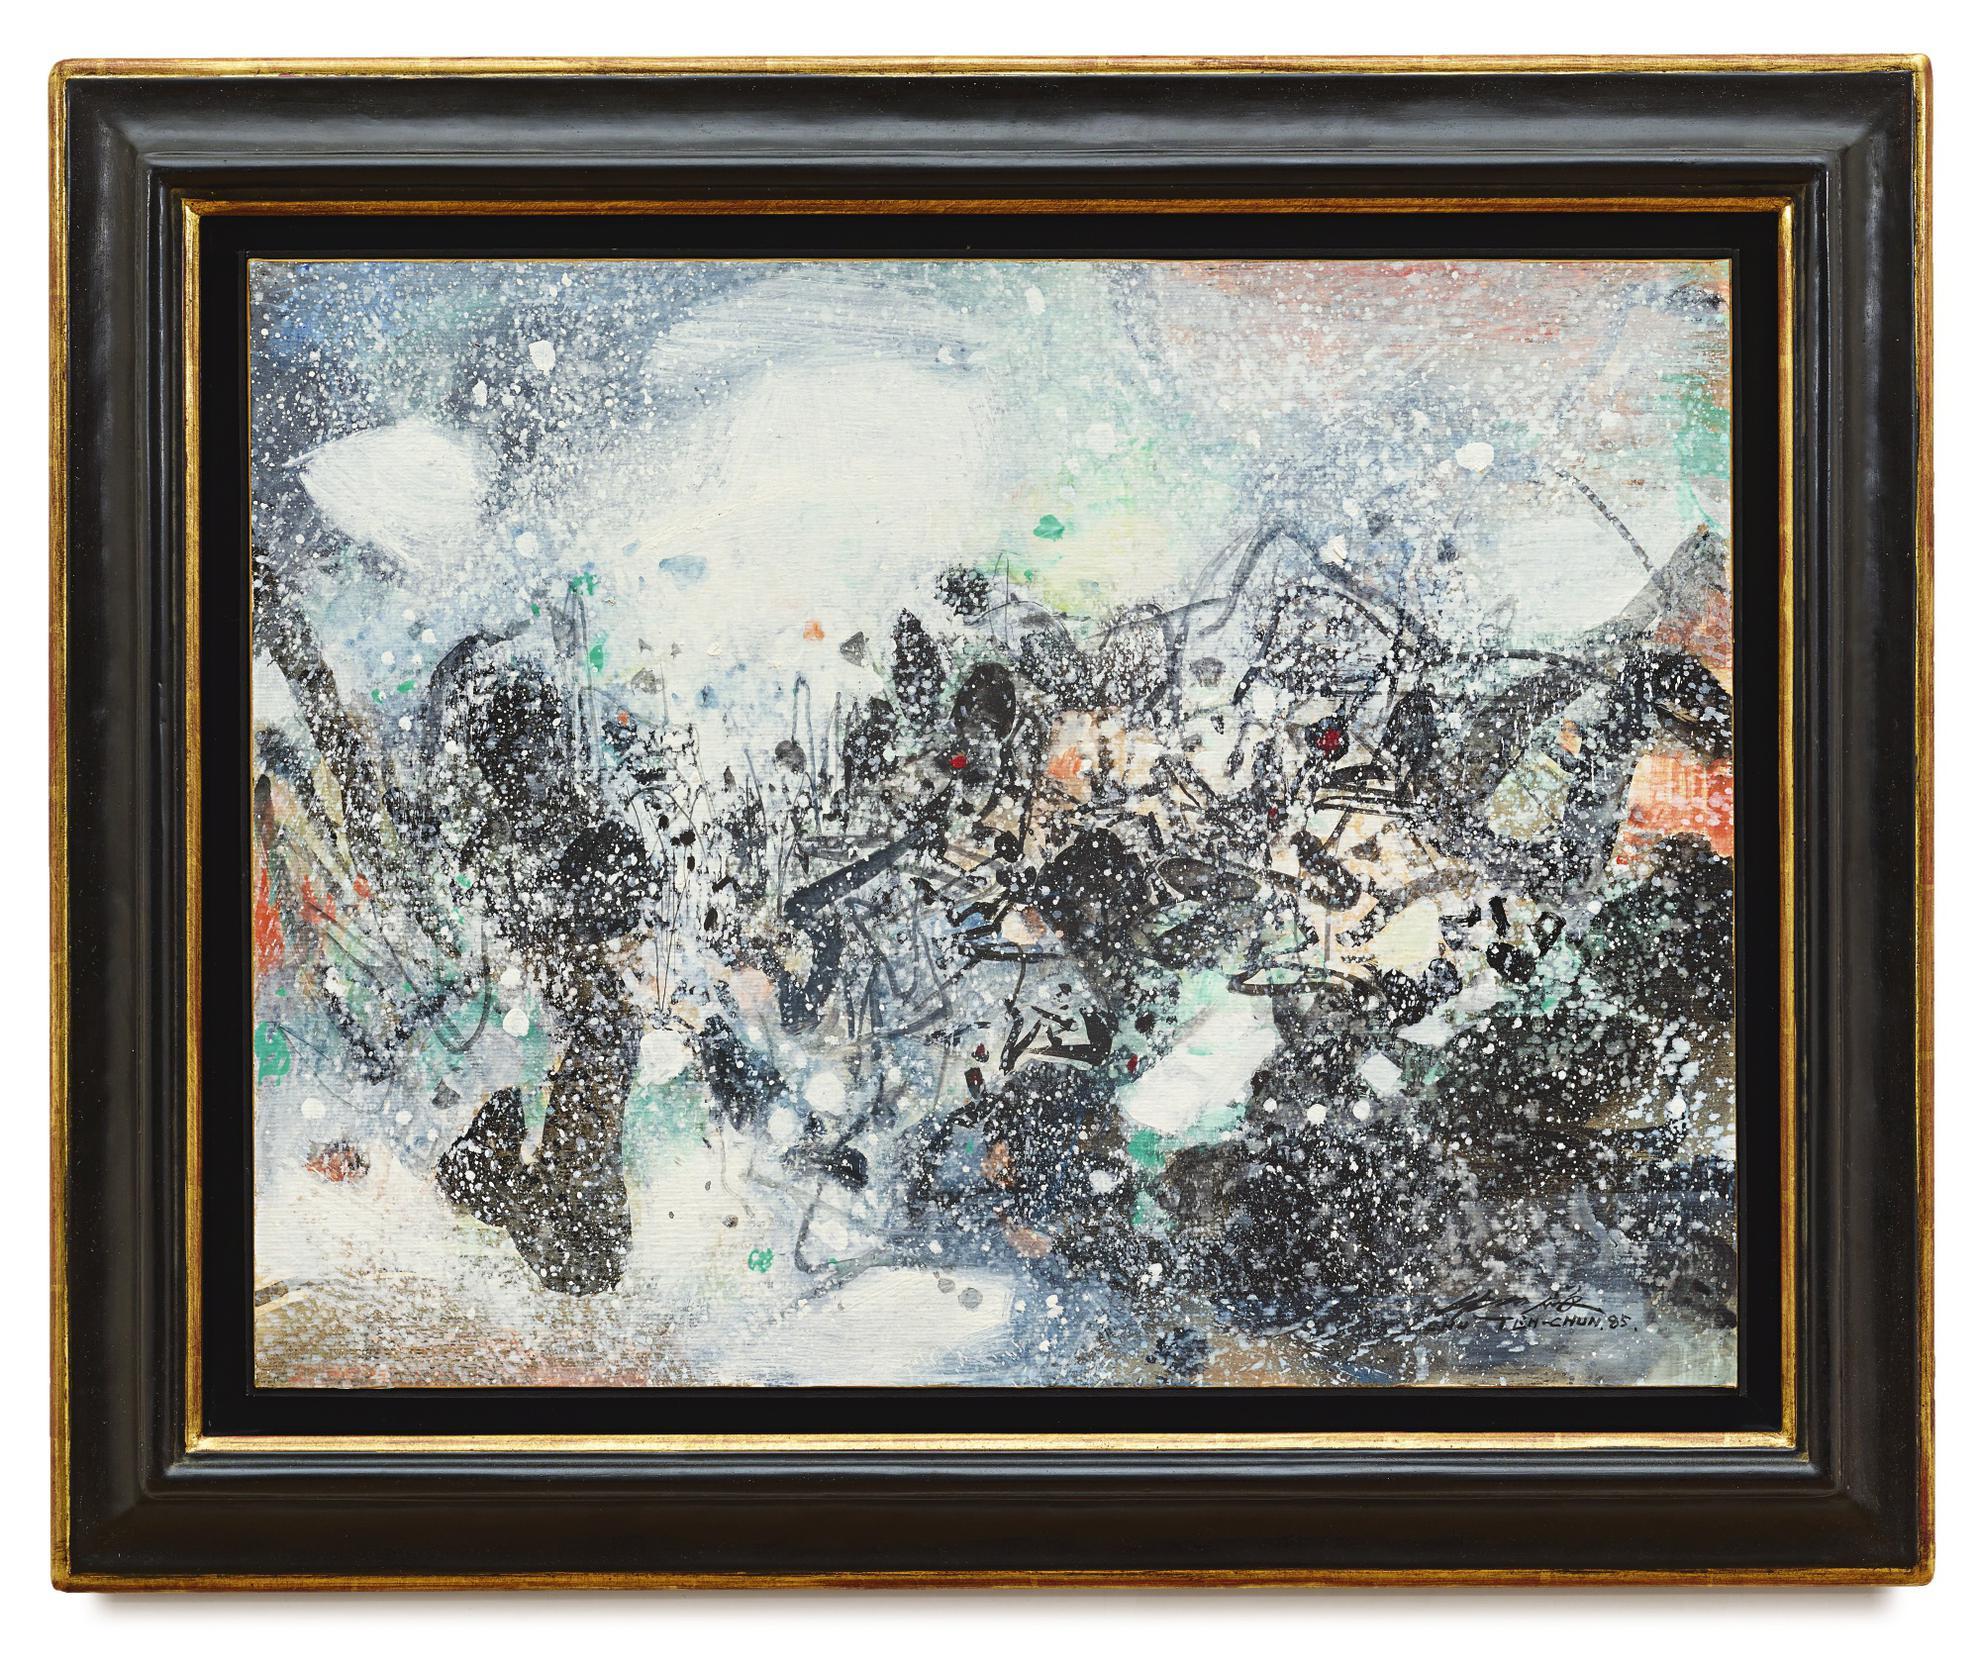 Chu Teh-Chun-Abstraction Neige I-1985